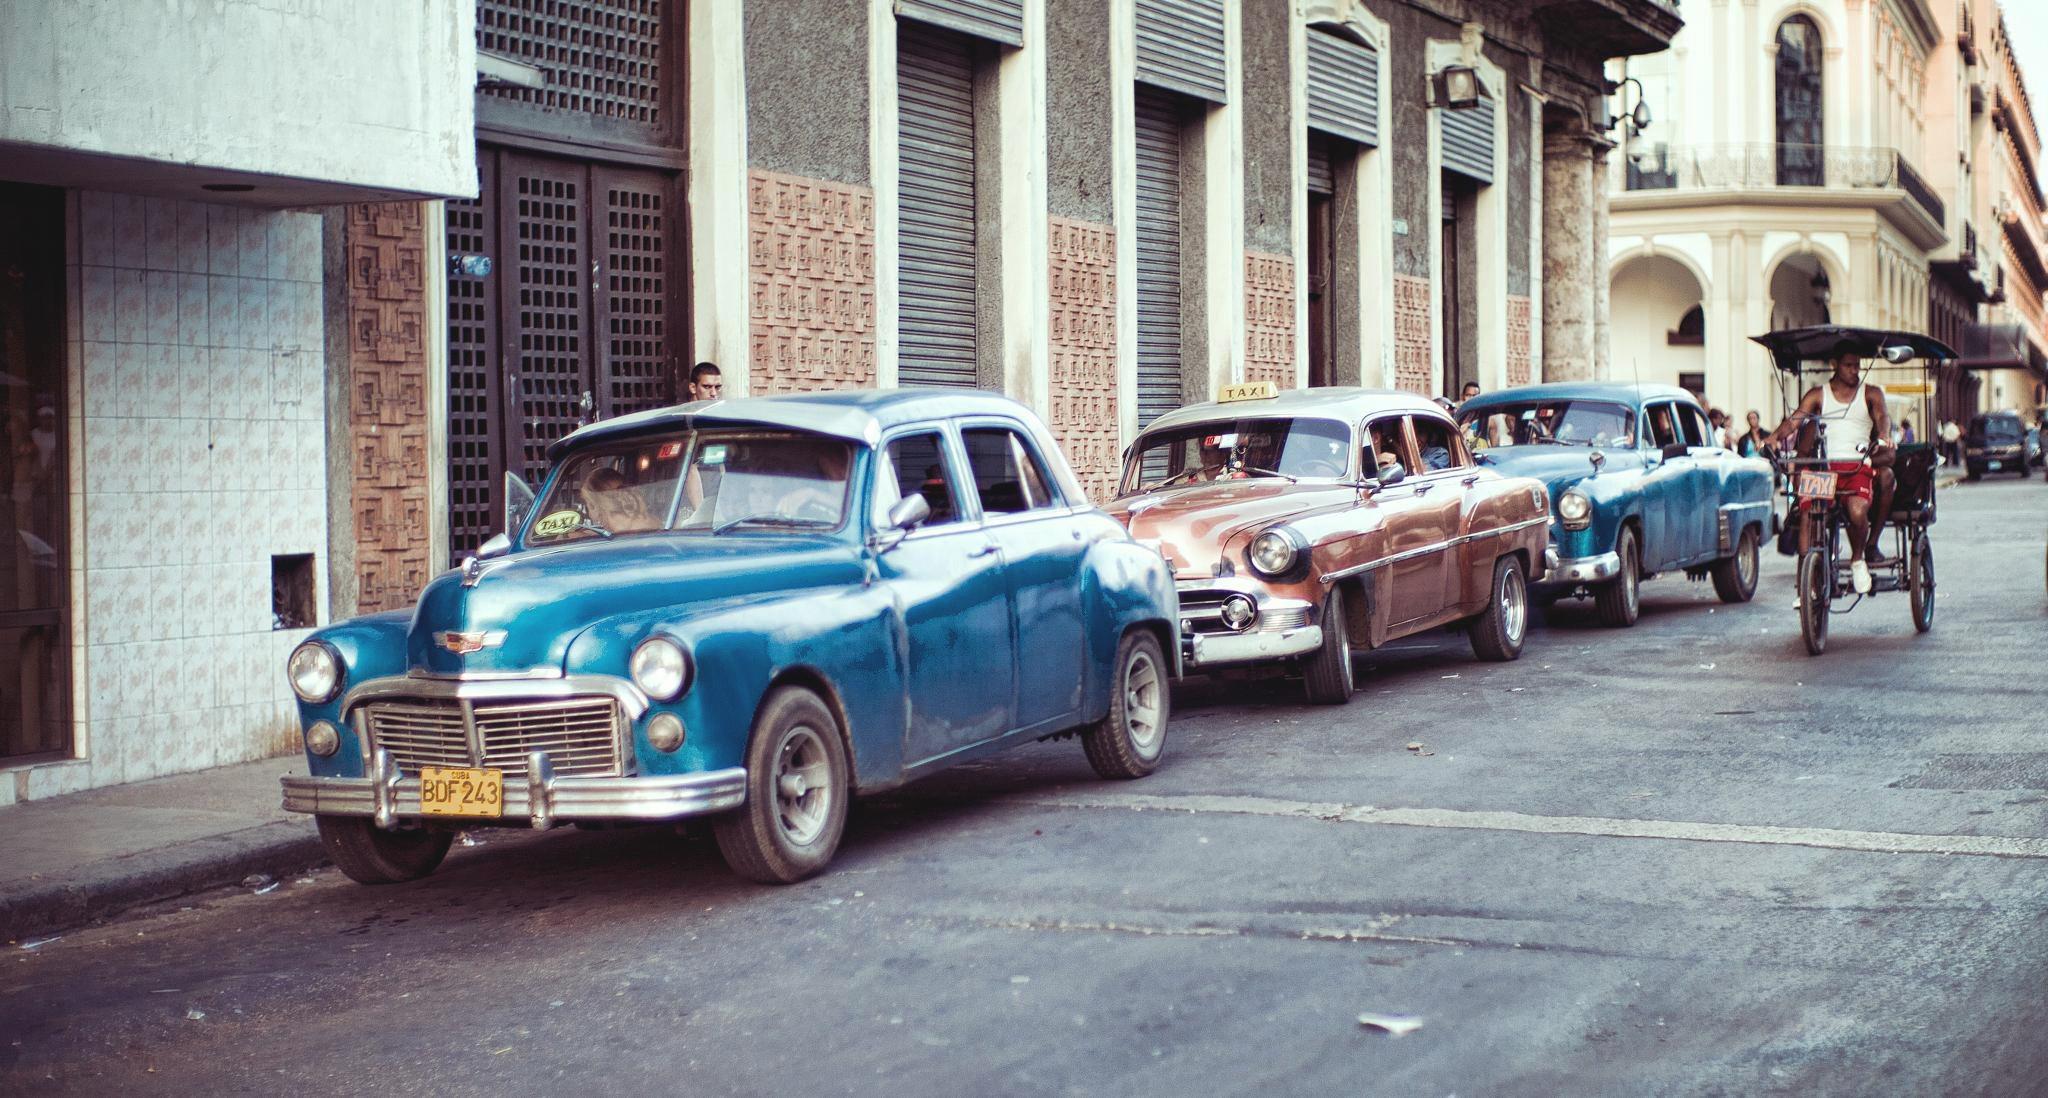 havana-blue-car